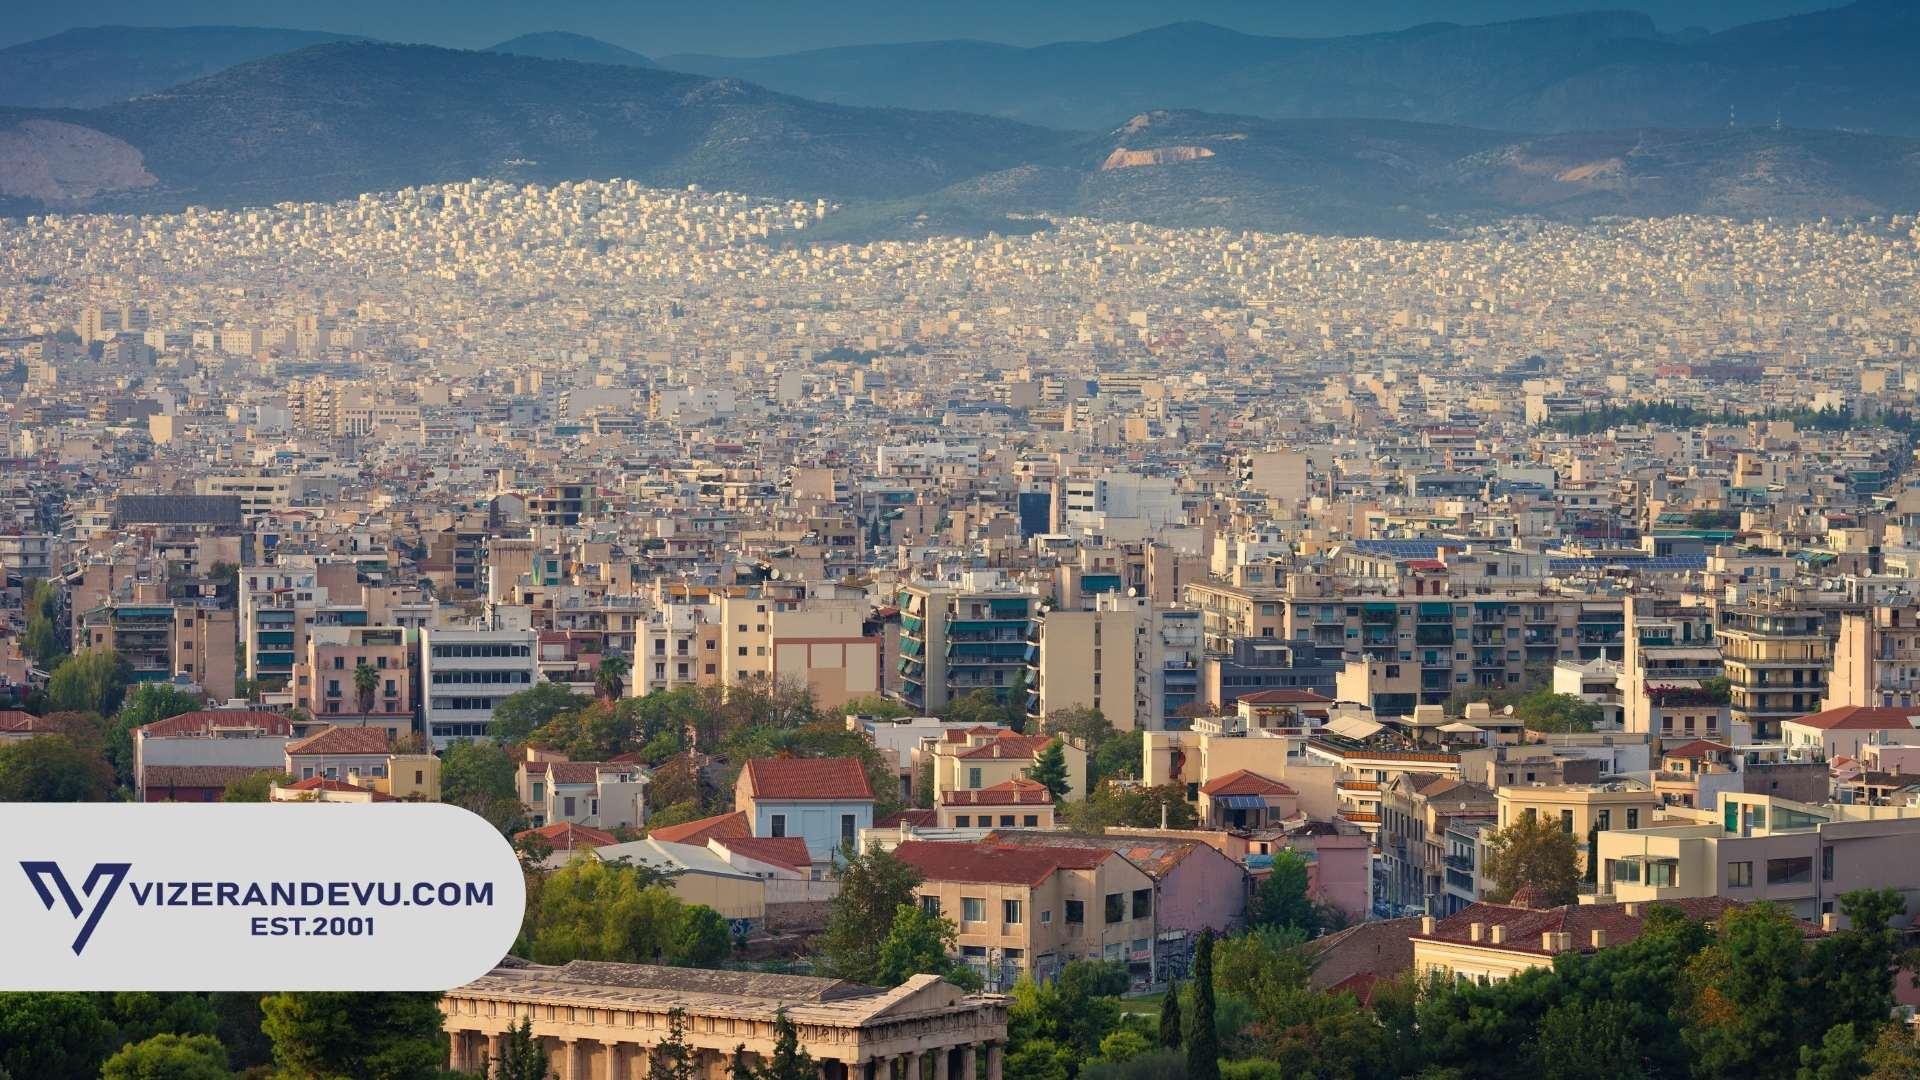 Yunanistan Vize Başvurusu İçin Gerekli Belgeler